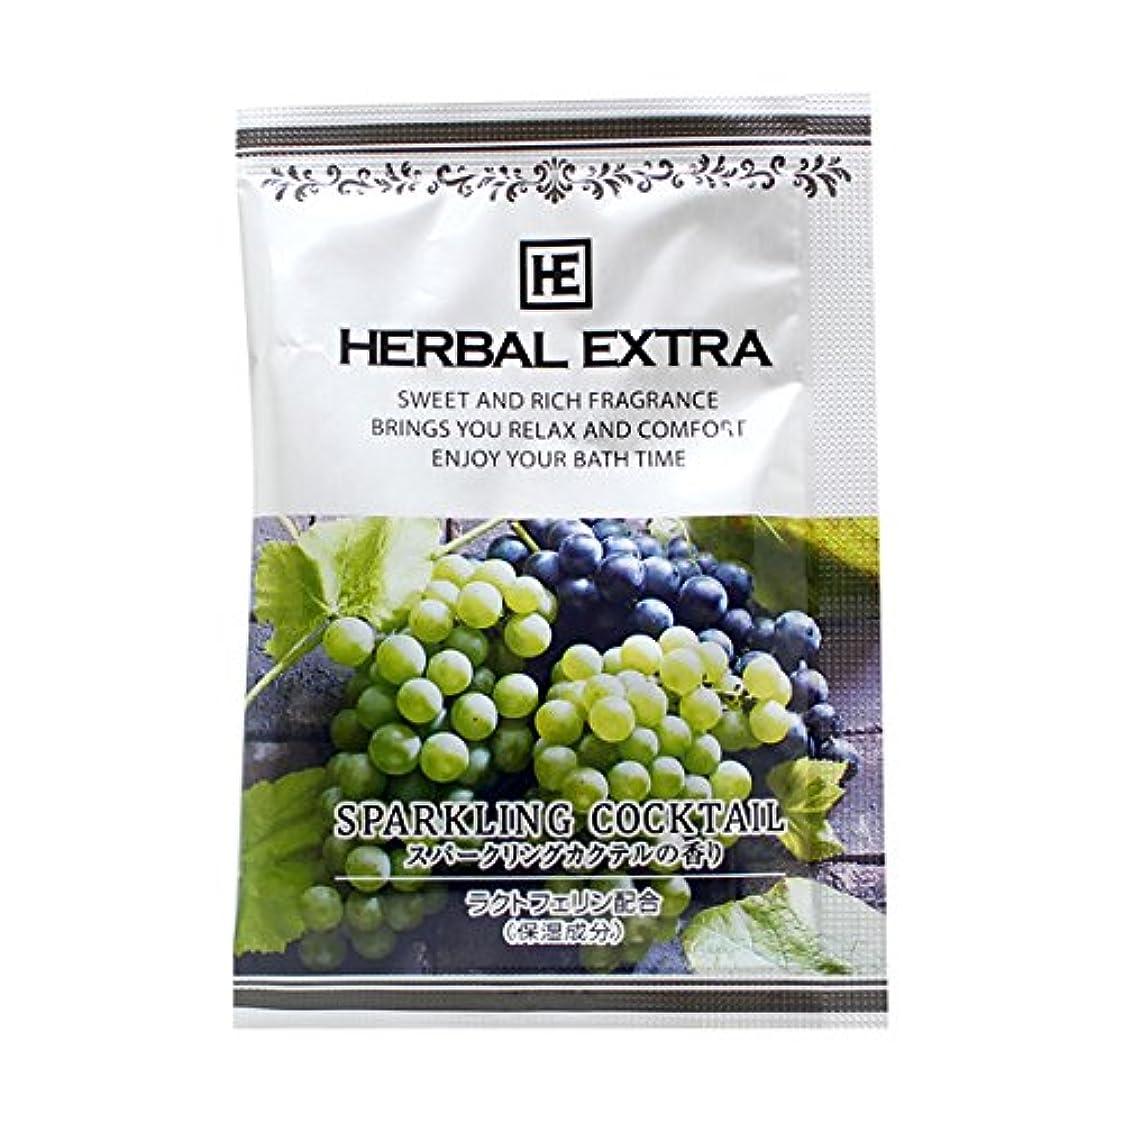 クリープ資金休み入浴剤 ハーバルエクストラ「スパークリングカクテルの香り」30個